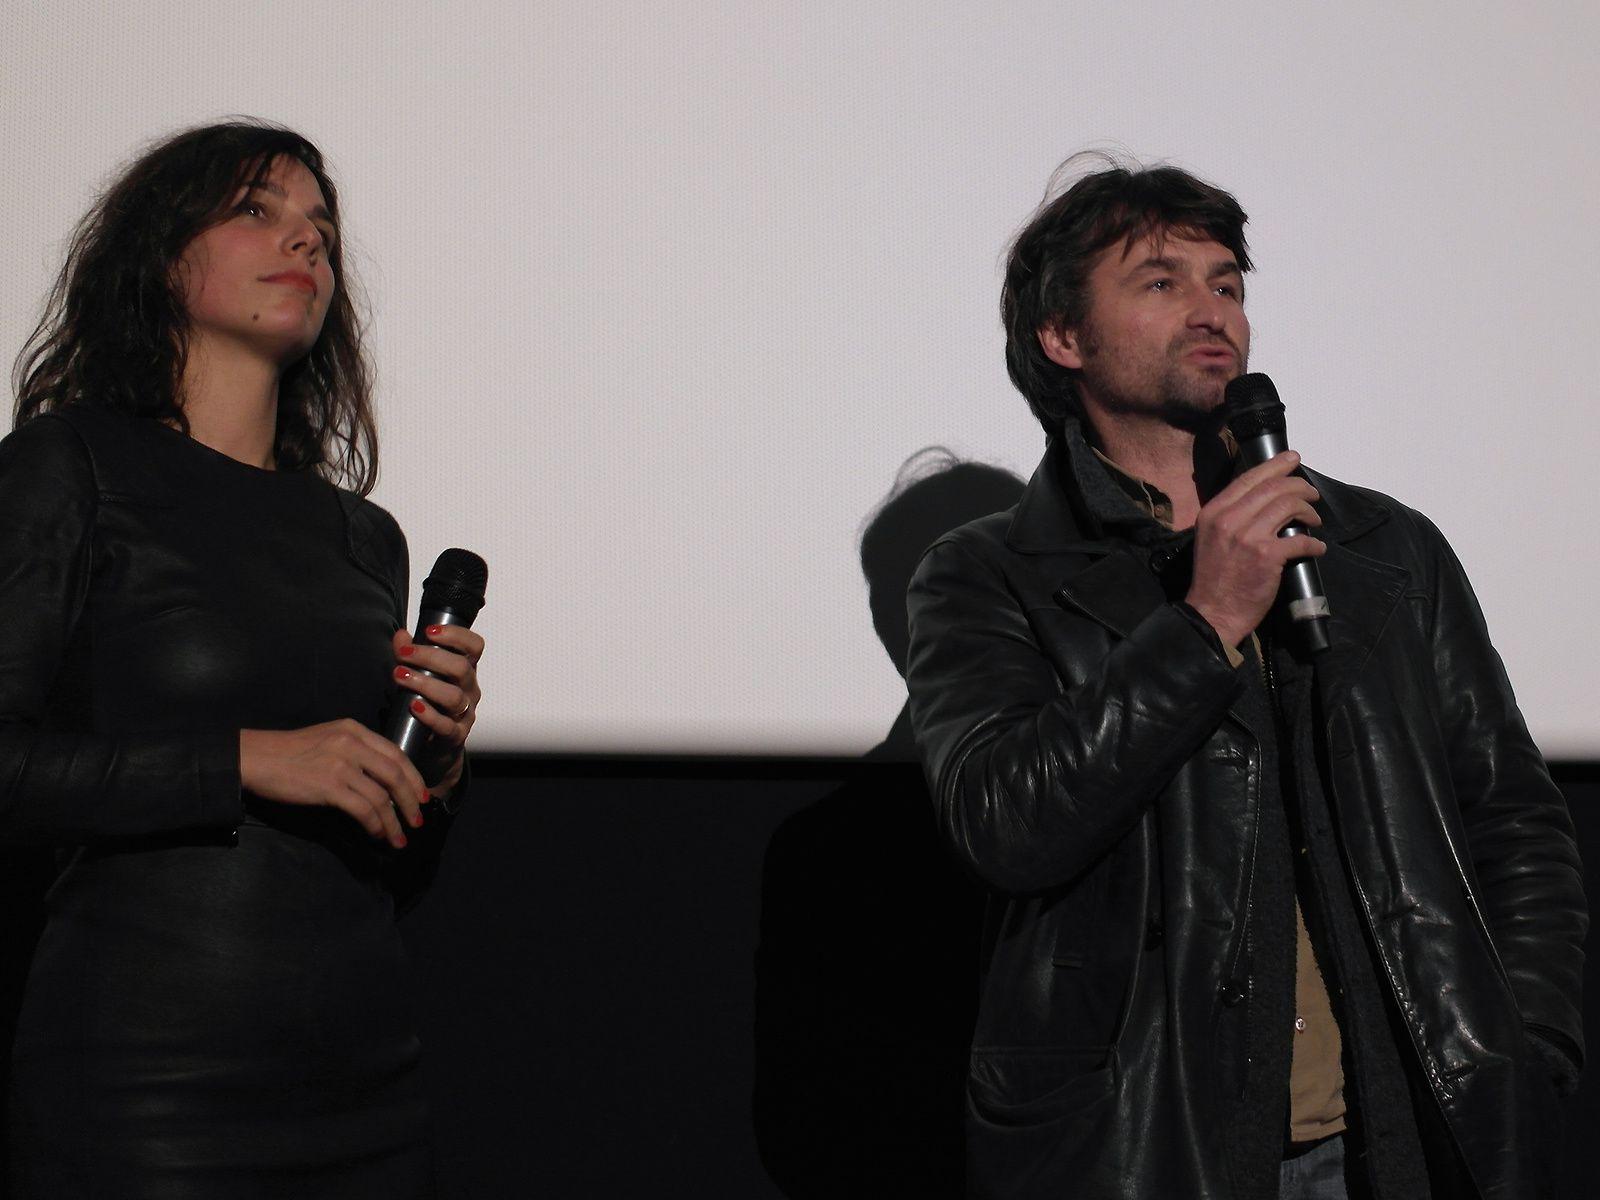 La réalisatrice, Sophie Letourneur, et le producteur, je crois...